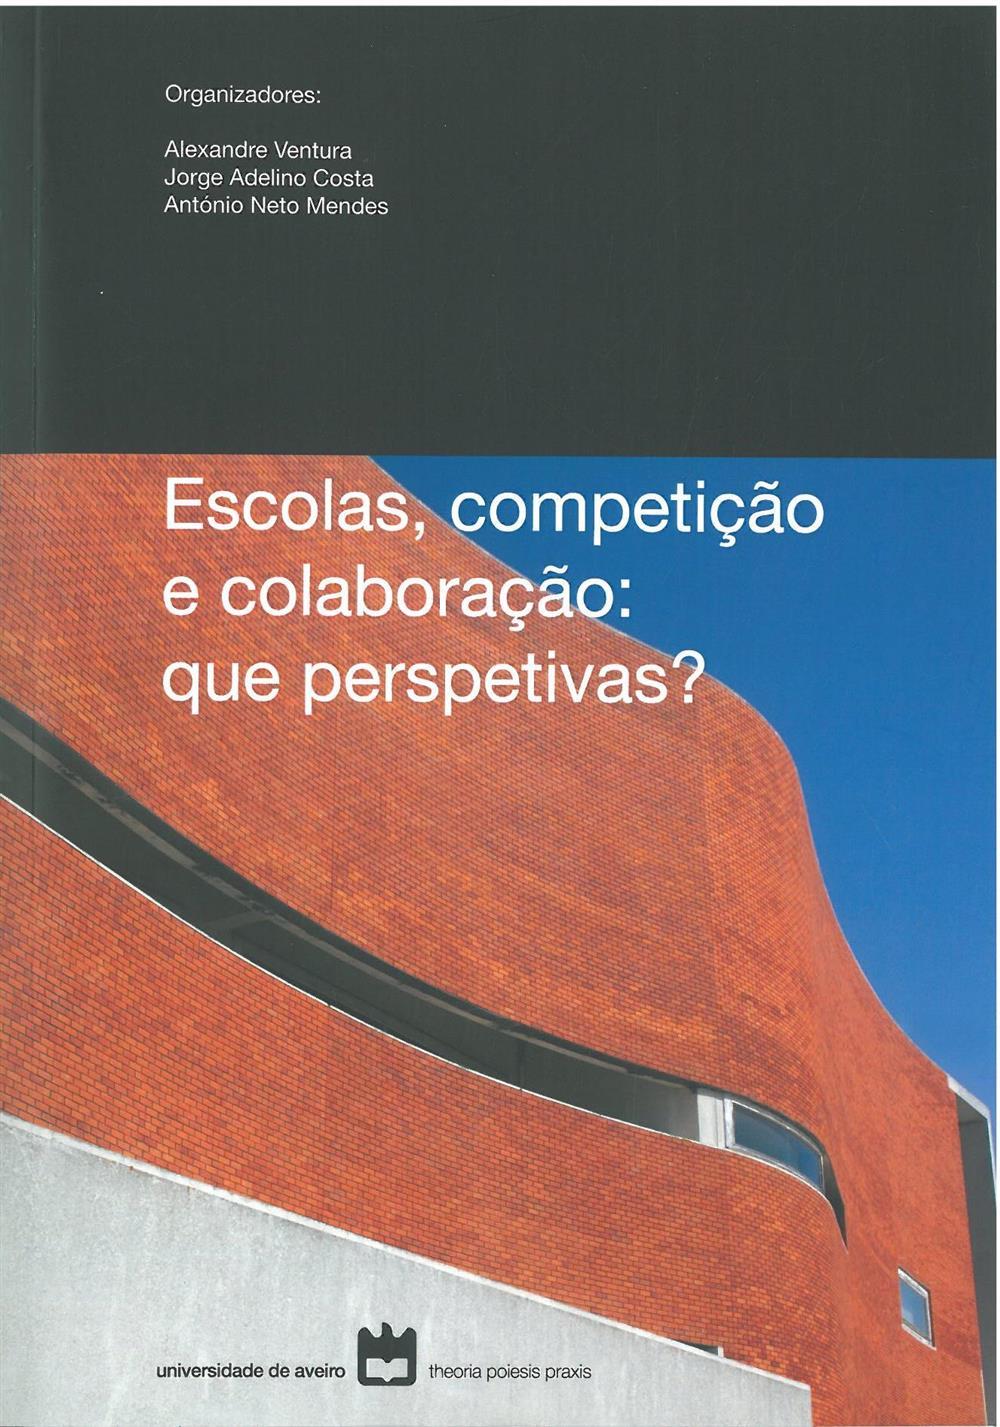 Escolas, competição e colaboração_.jpg